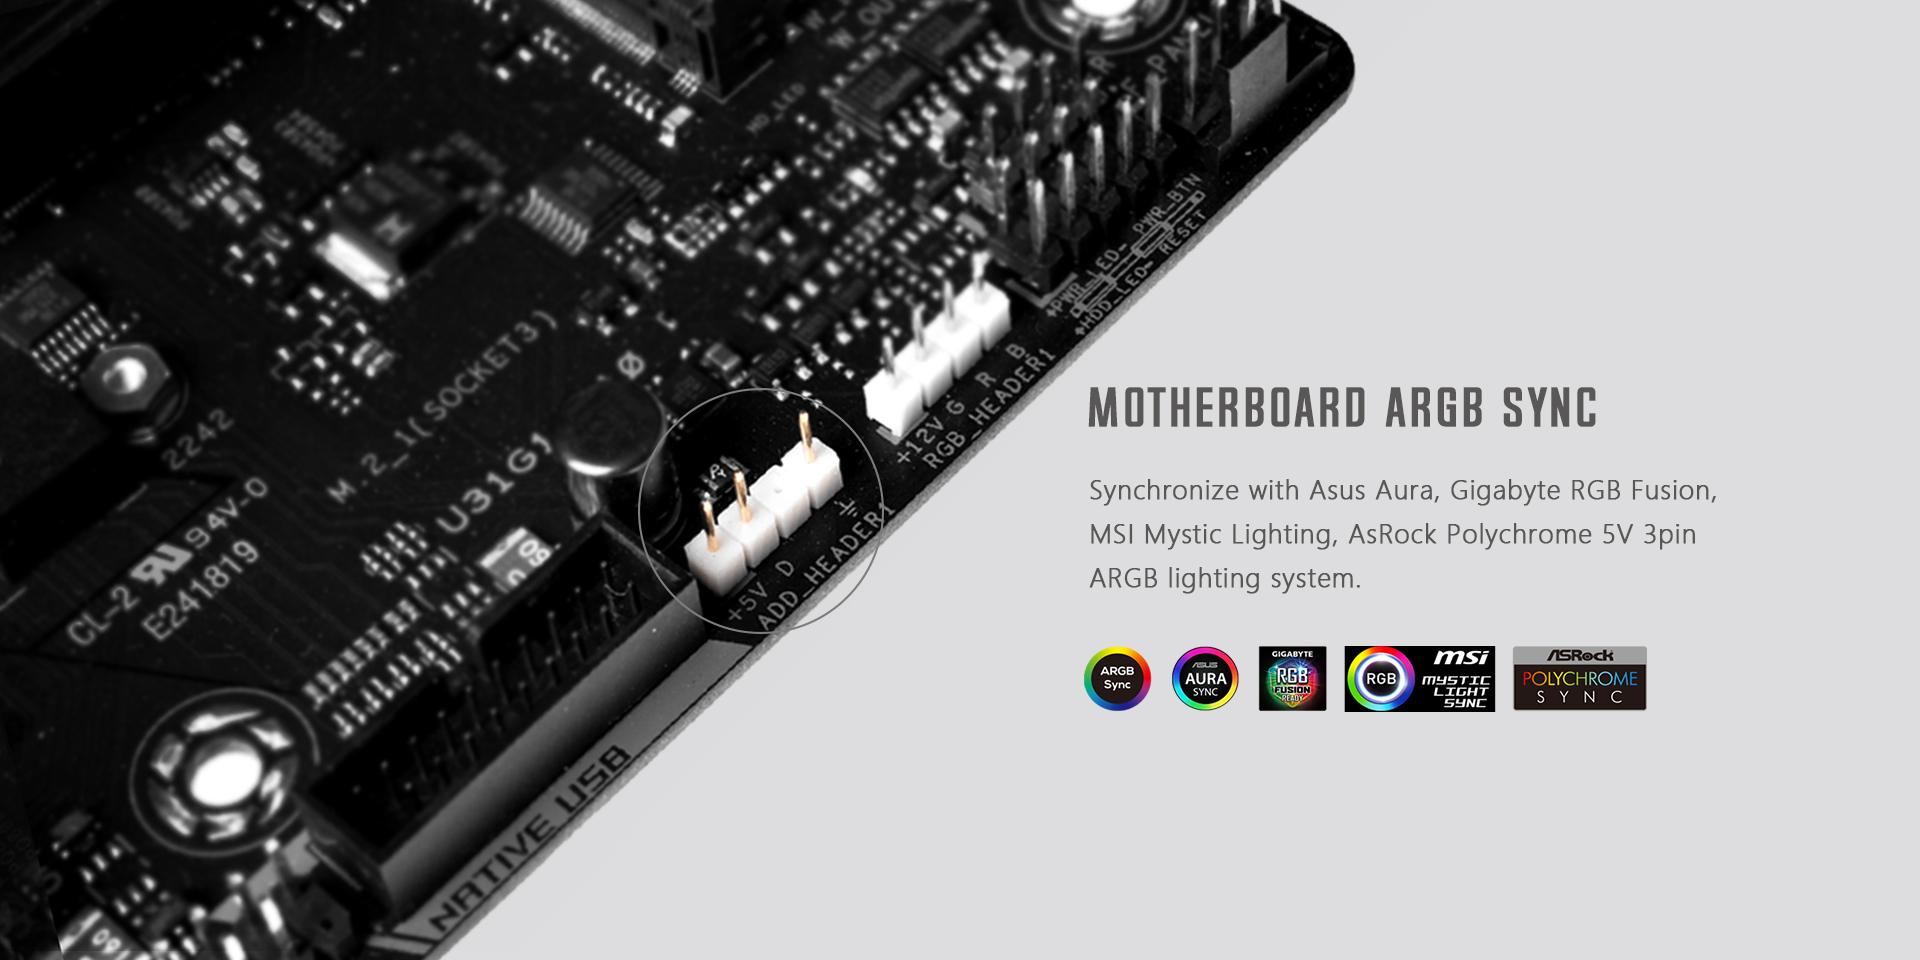 Tản Nhiệt CPU ID-COOLING SE-224-XT ARGB V2 tương thích với các mainboard có chân ARGB 5v 3pin hiện nay, giúp fan có thể tùy chỉnh được nhiều màu sắc khác nhau